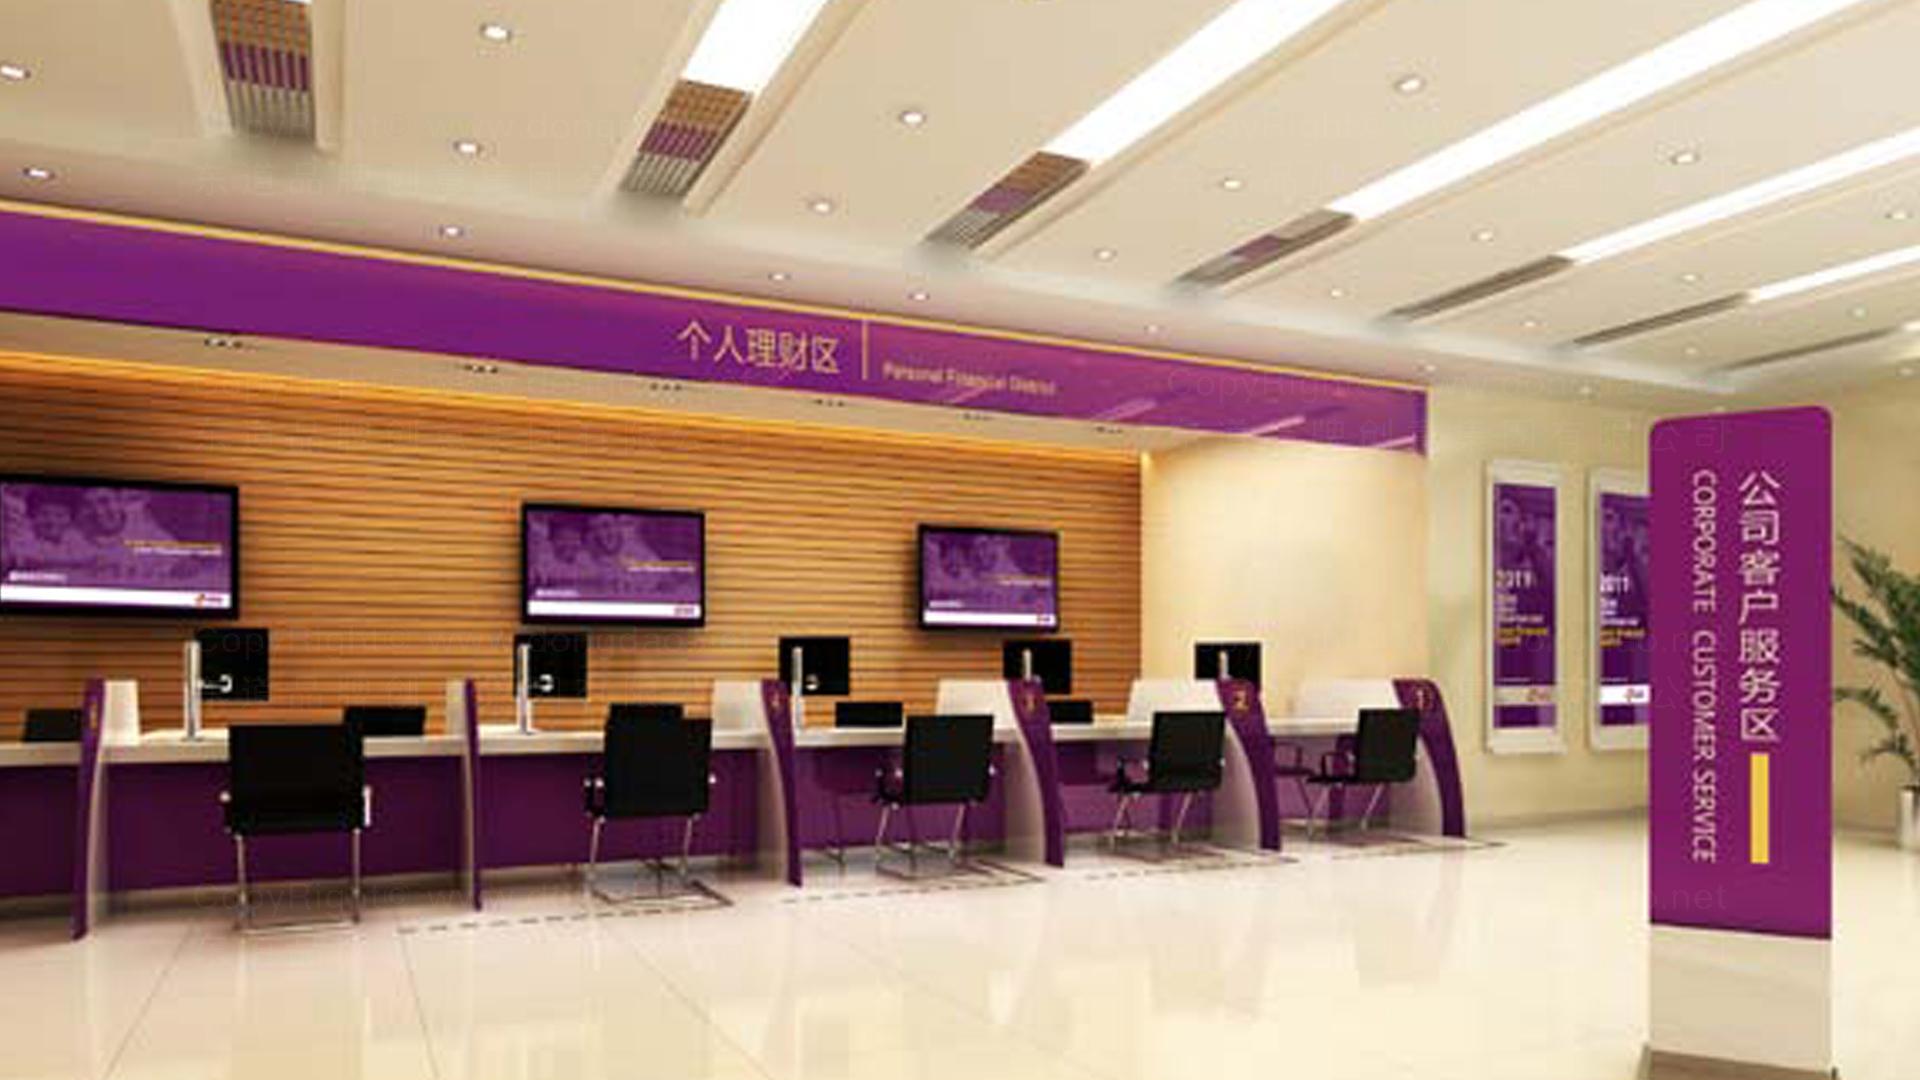 银行金融商业空间&导示紫金银行SI设计